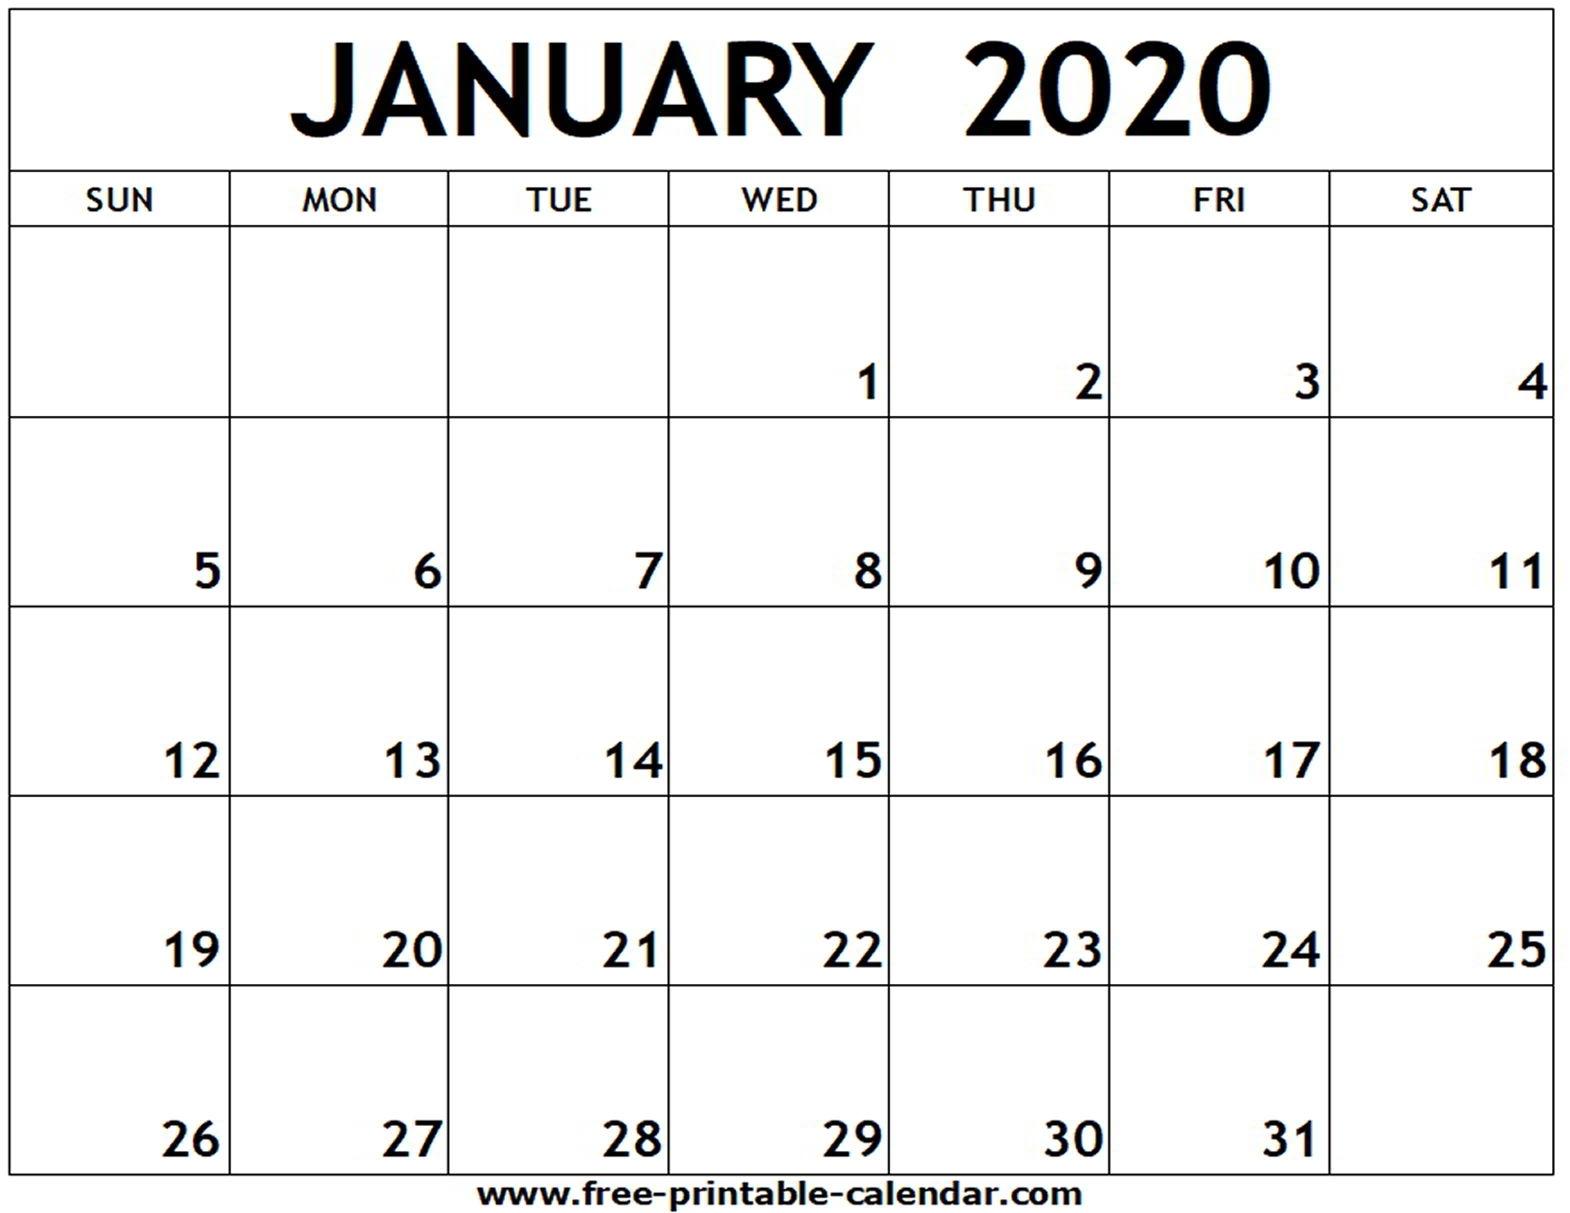 January 2020 Printable Calendar - Free-Printable-Calendar with regard to Free Printable 2020 Calendars-Monthly